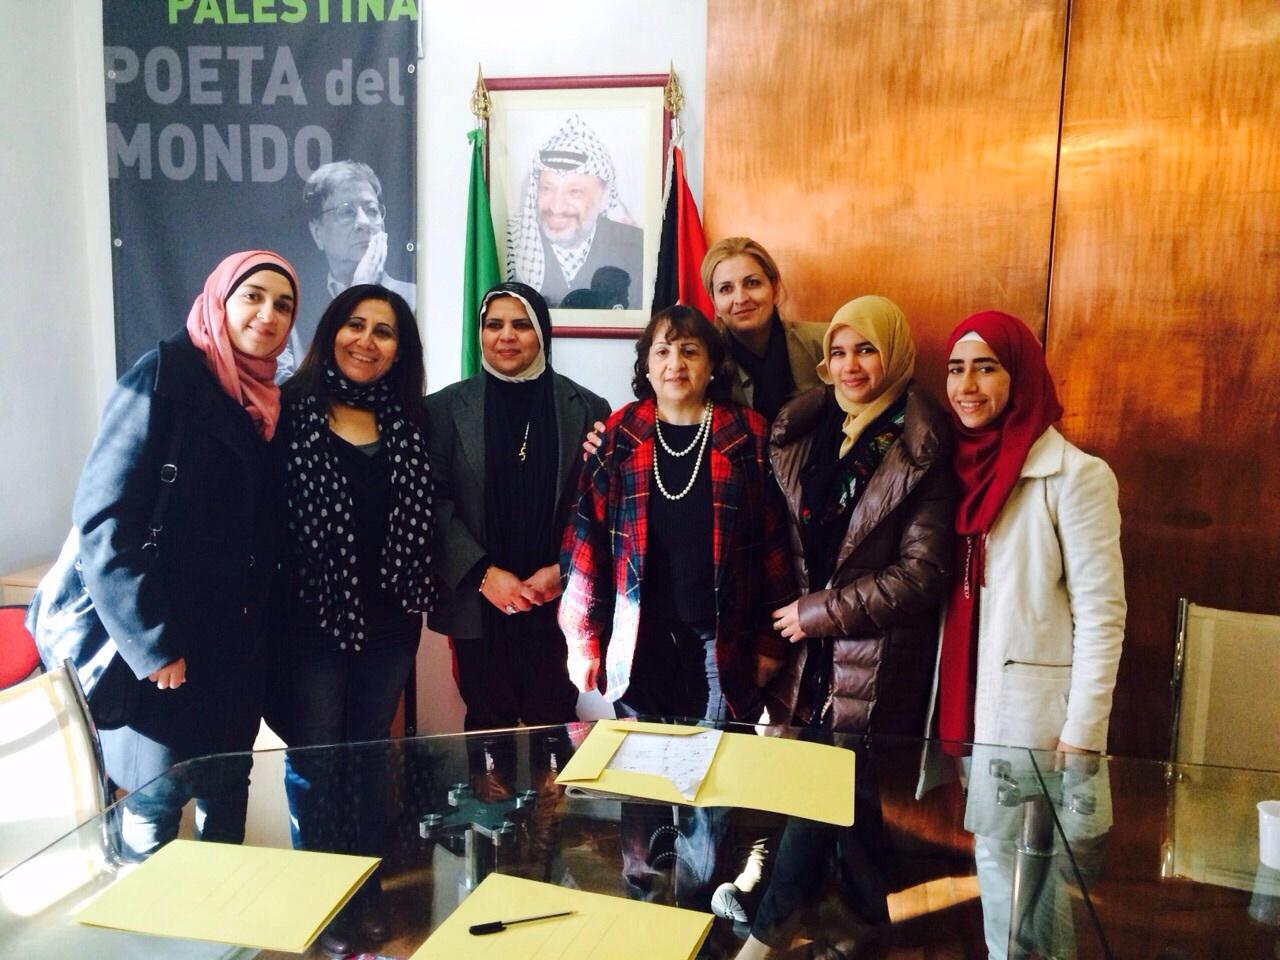 Delegazione Abspp ricevuta dall'ambasciatrice di Palestina a Roma